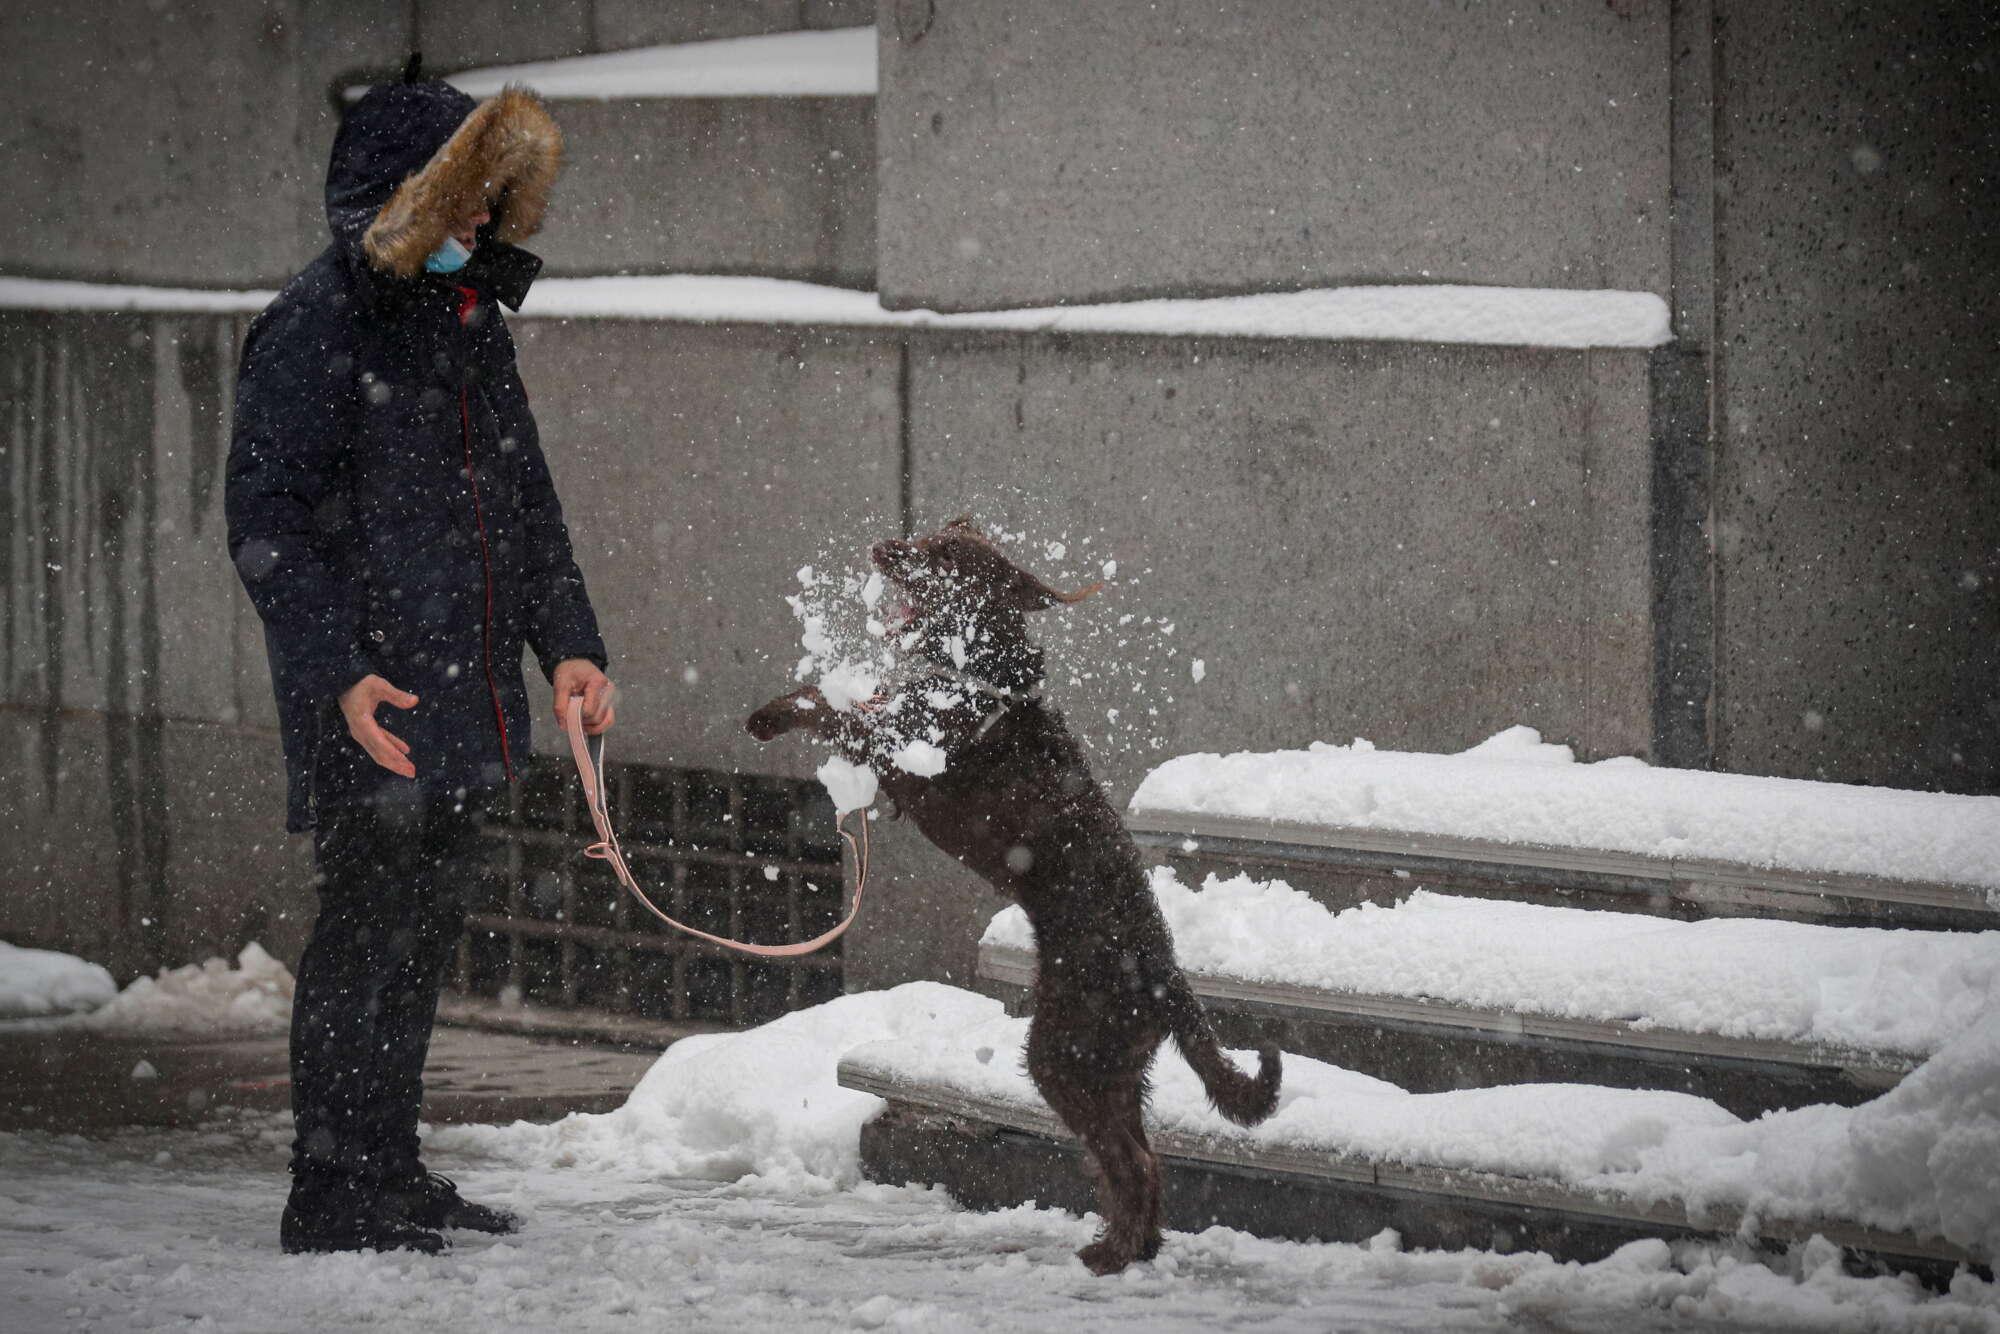 Οταν ο σκύλος έχει χιούμορ και αγαπάει το παιχνίδι, όλα επιτρέπονται...